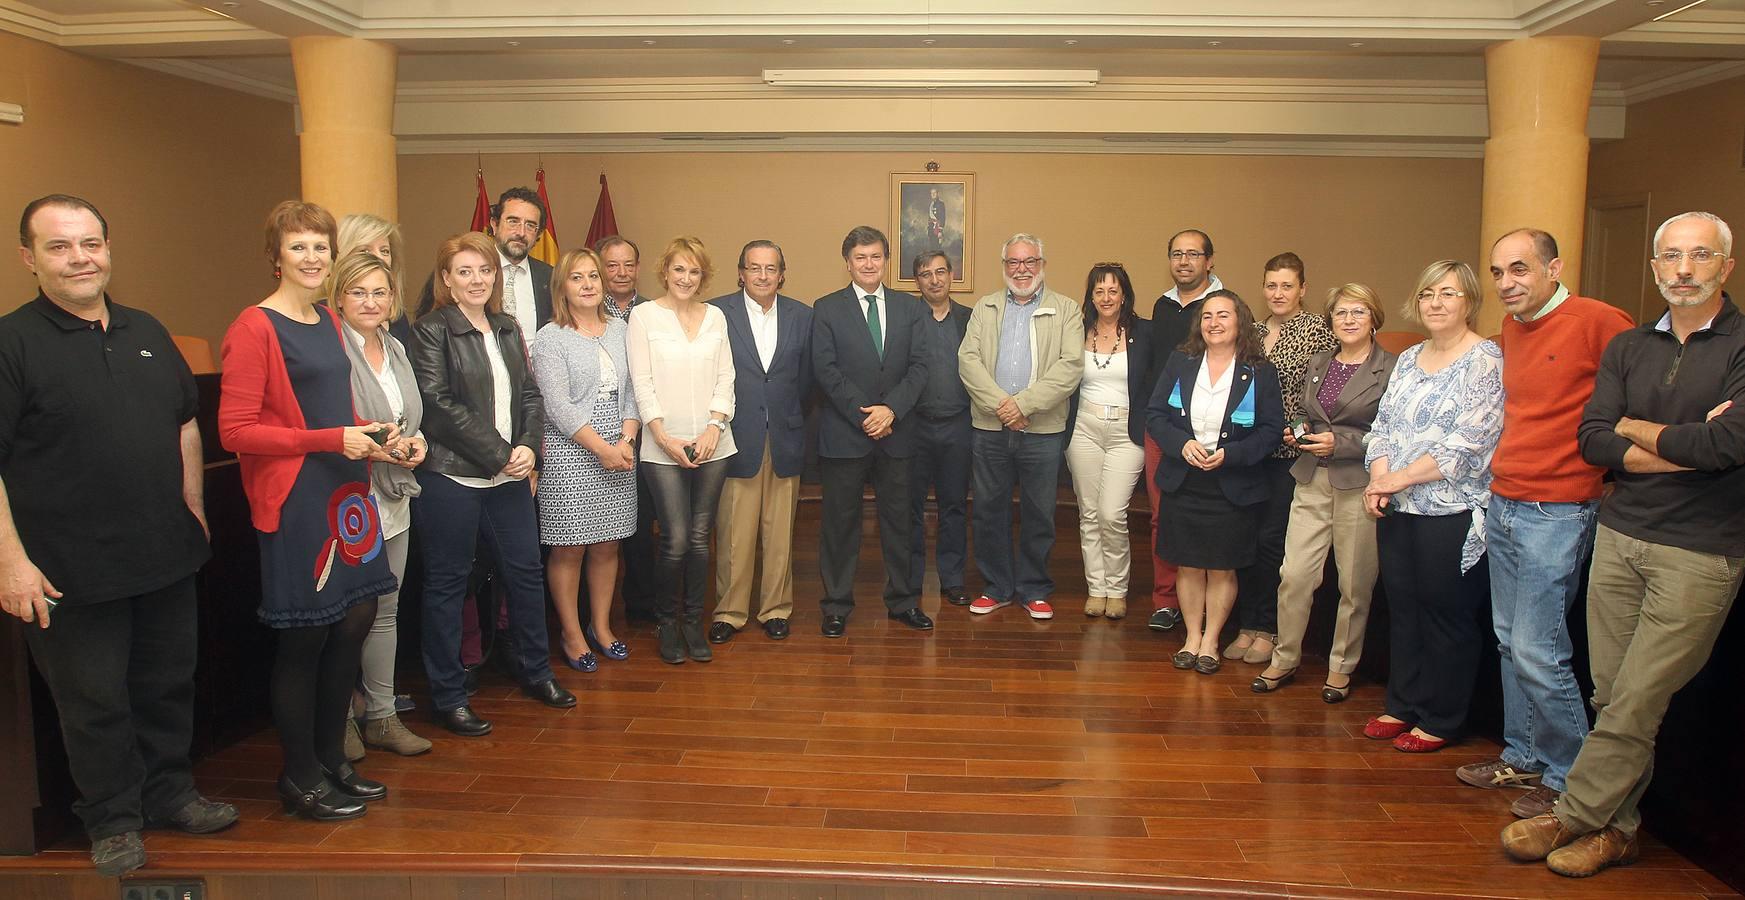 Entrega de medallas a los funcionarios de la Diputación de Segovia